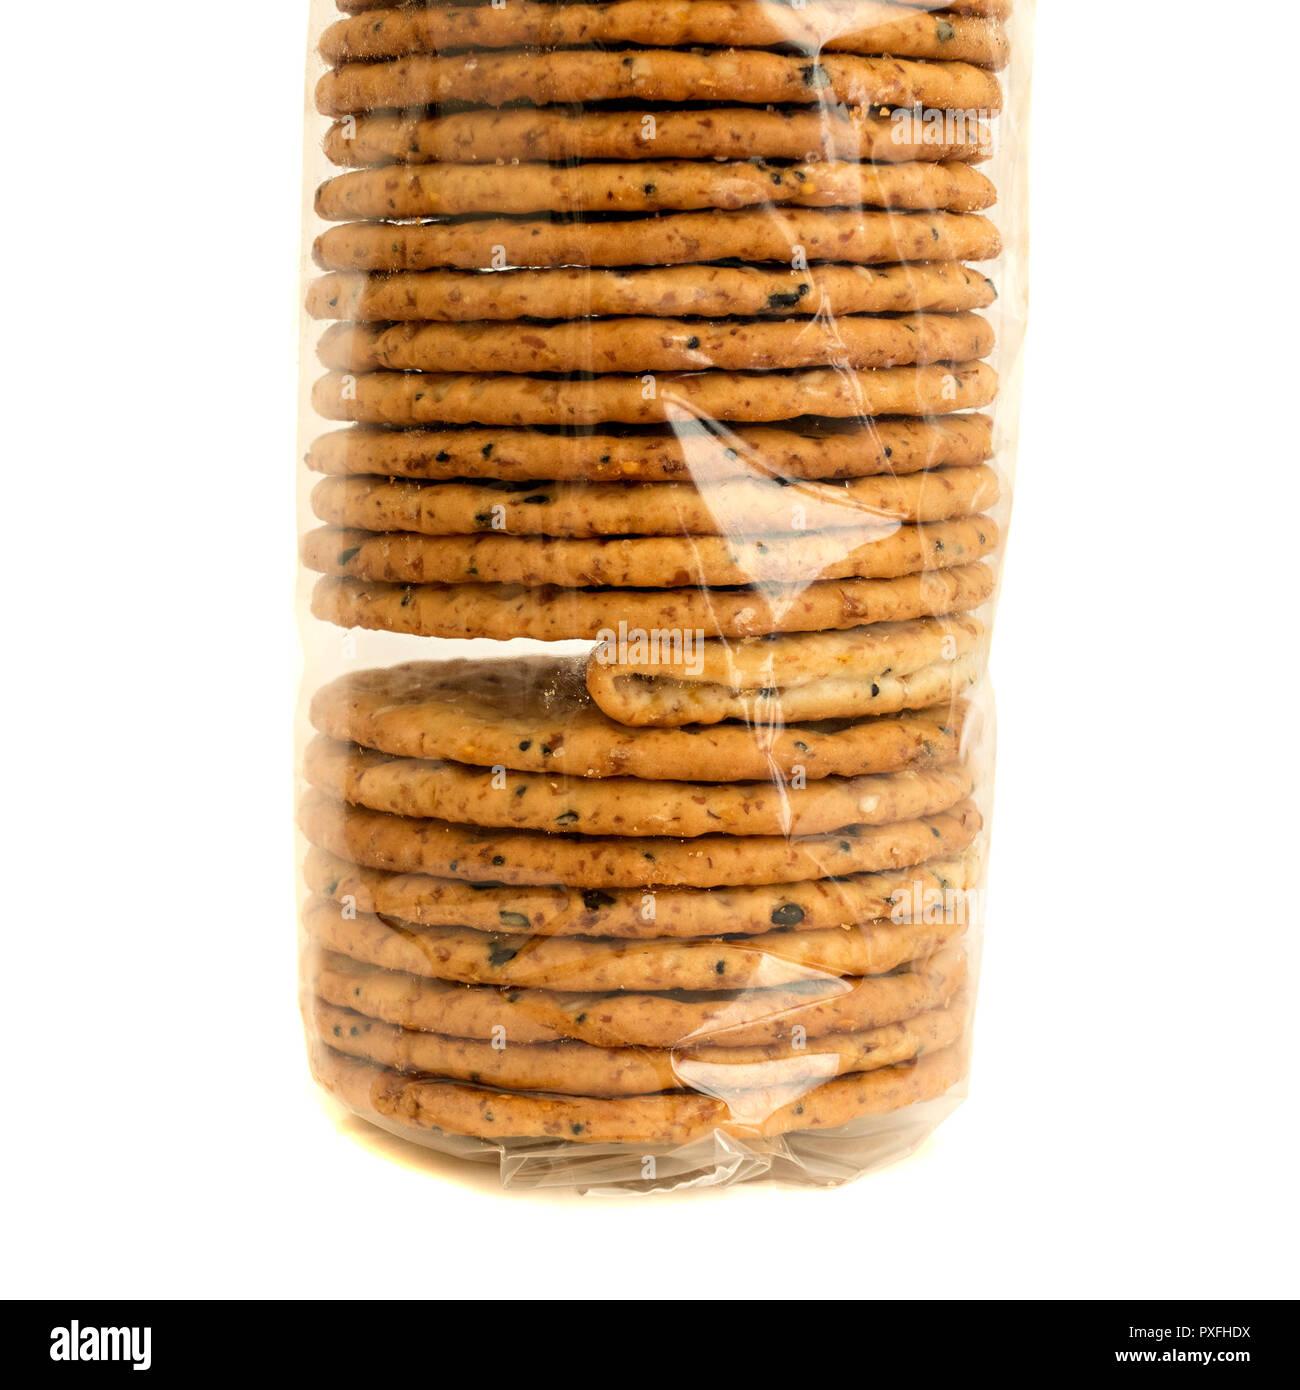 """""""L'intruso"""" un pacchetto di cellophane trasparente avvolto biscotti con uno difettoso cracker ripiegata che illustra un problema o un guasto nel controllo di qualità. Immagini Stock"""